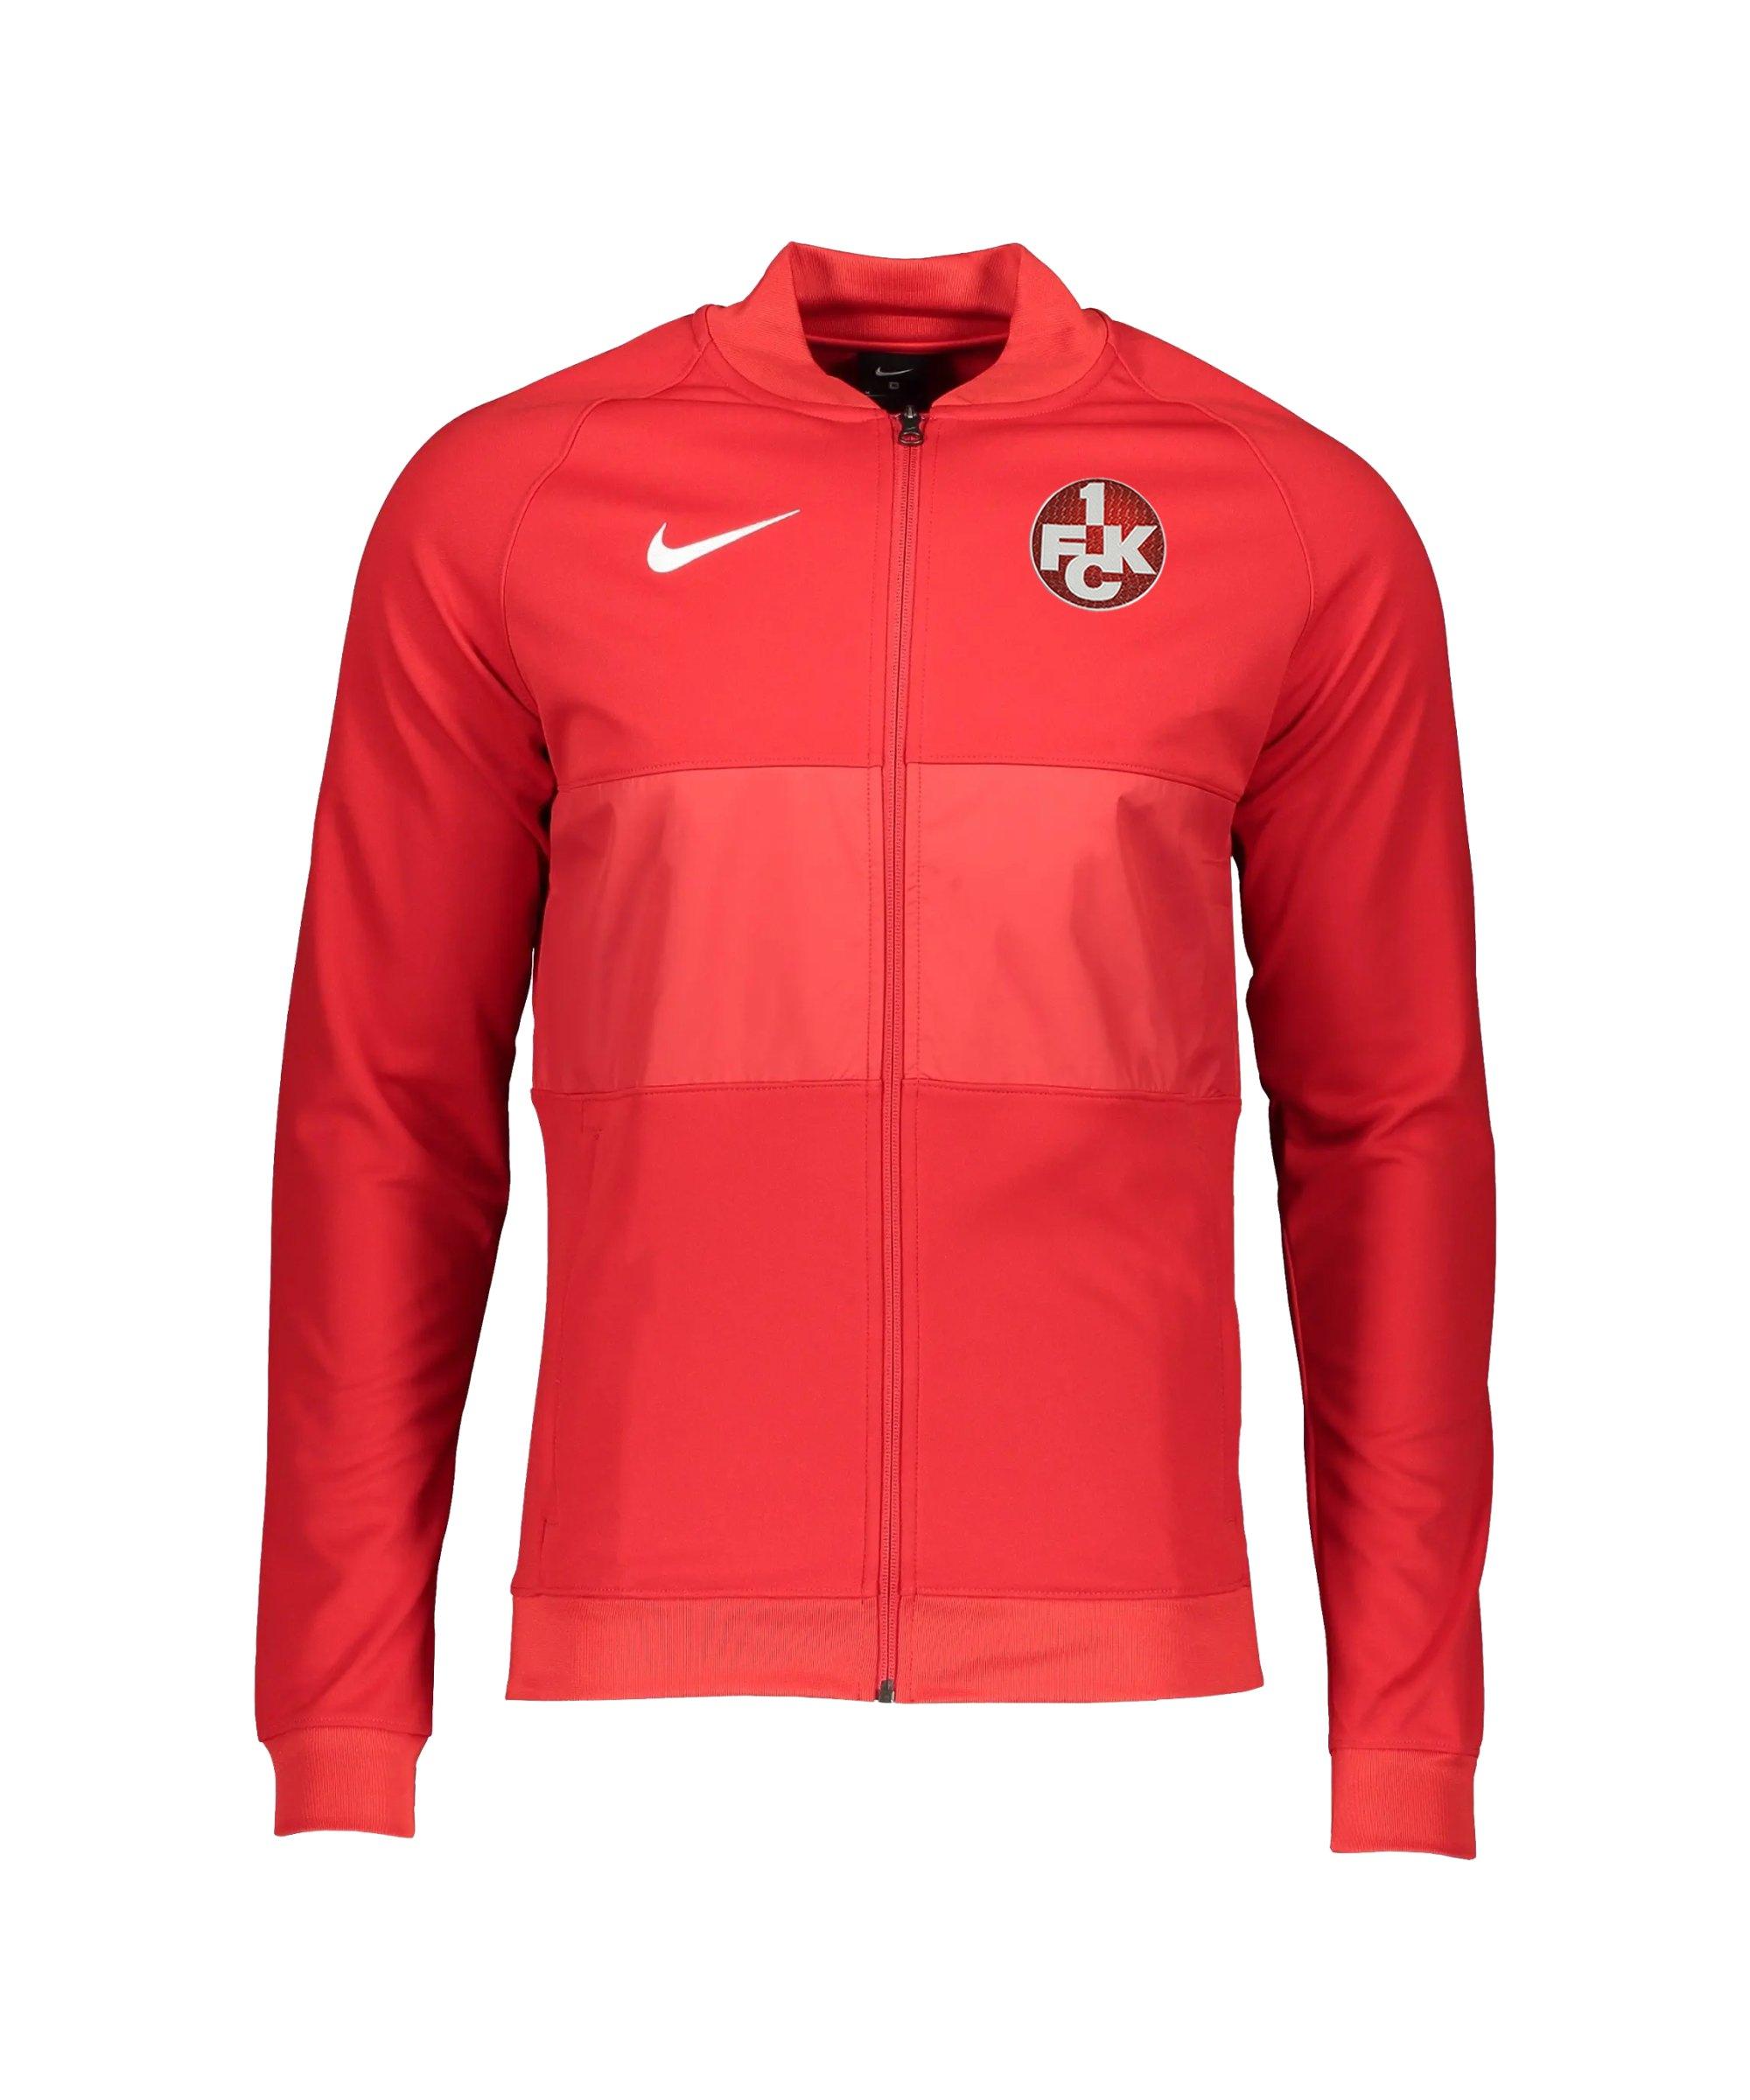 Nike 1. FC Kaiserslautern Präsentationsjacke Rot F657 - rot